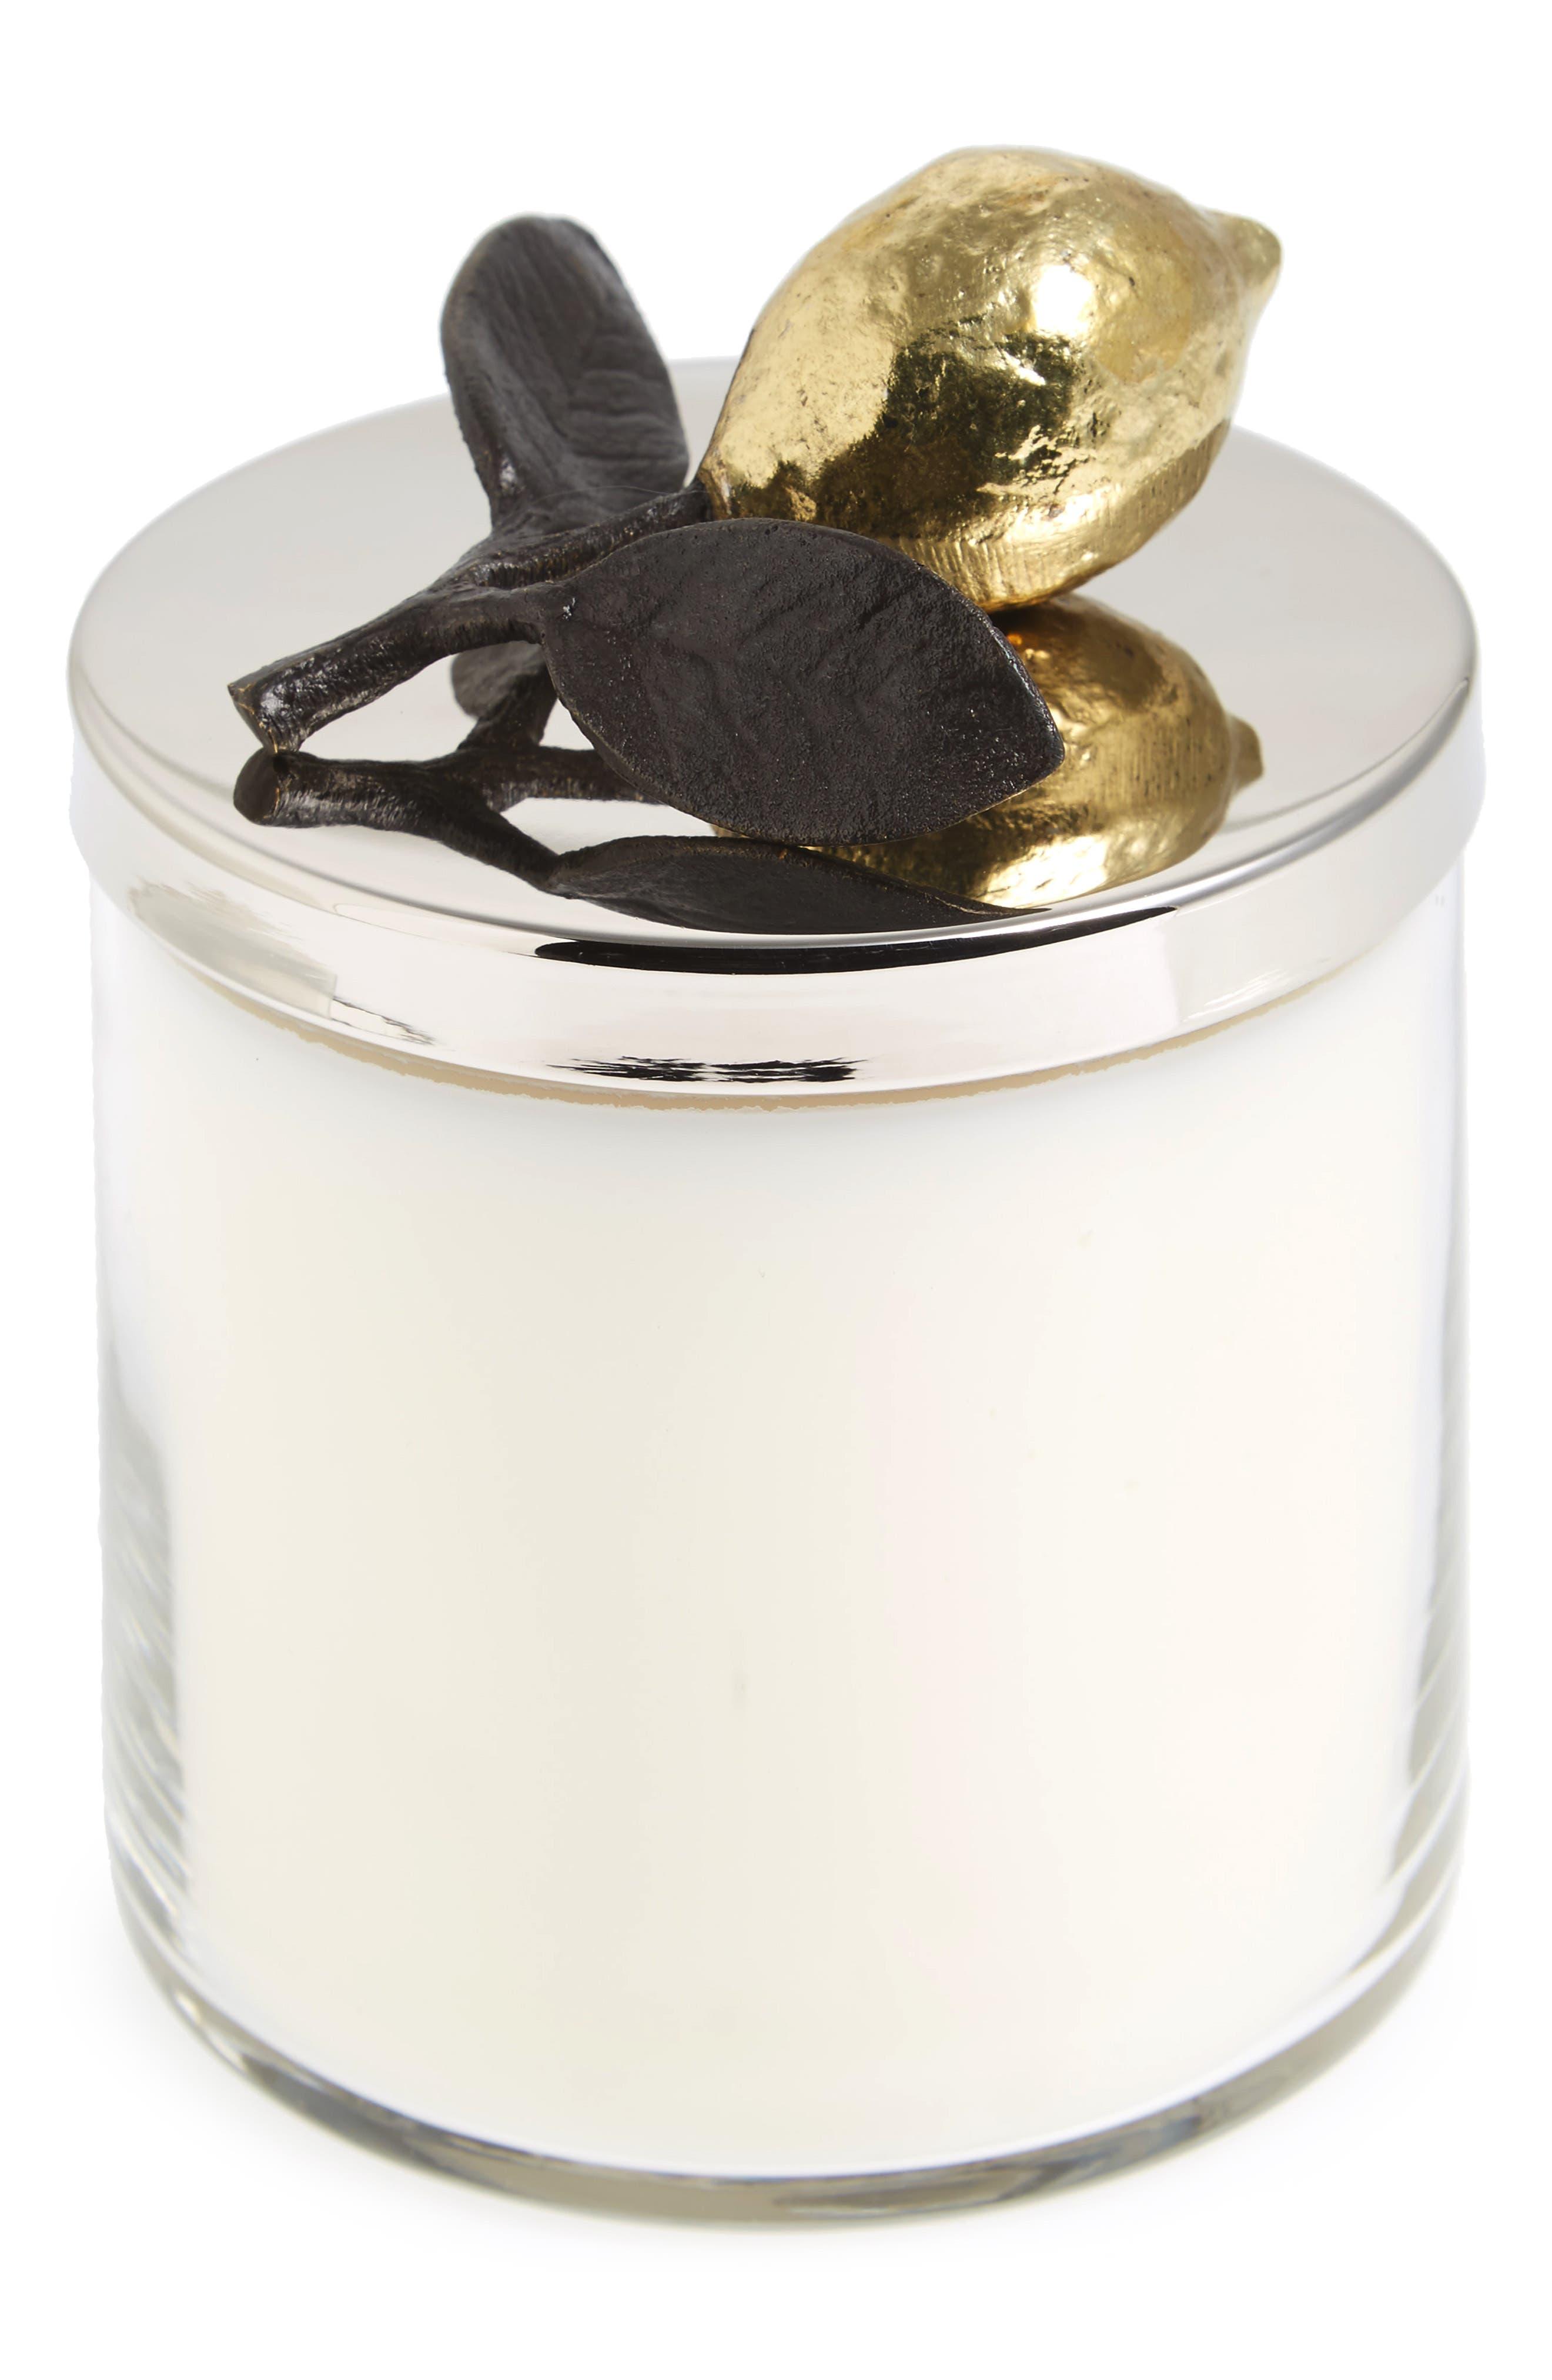 Main Image - Michael Aram 'Lemonwood' Soy Wax Candle